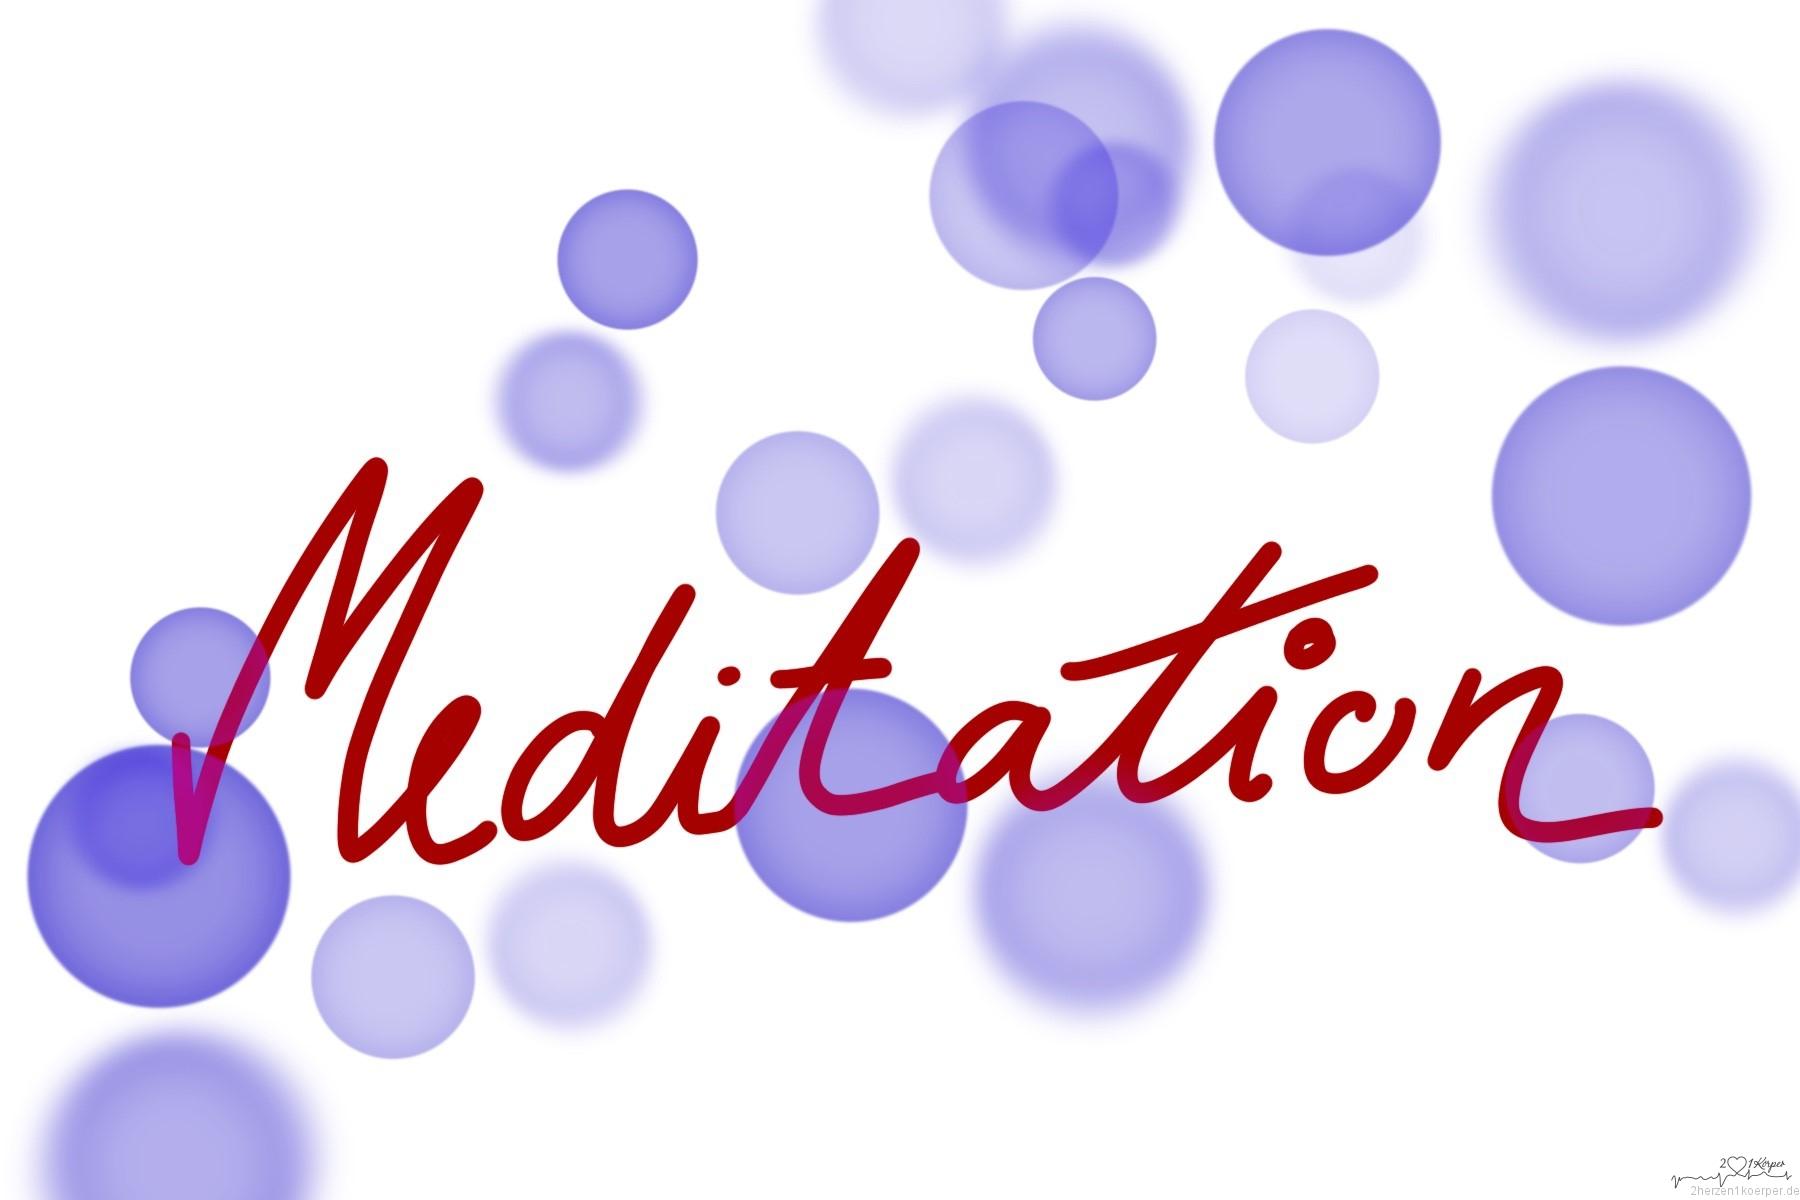 Das Wort Meditation in Handschrift von lila Blasen umgeben